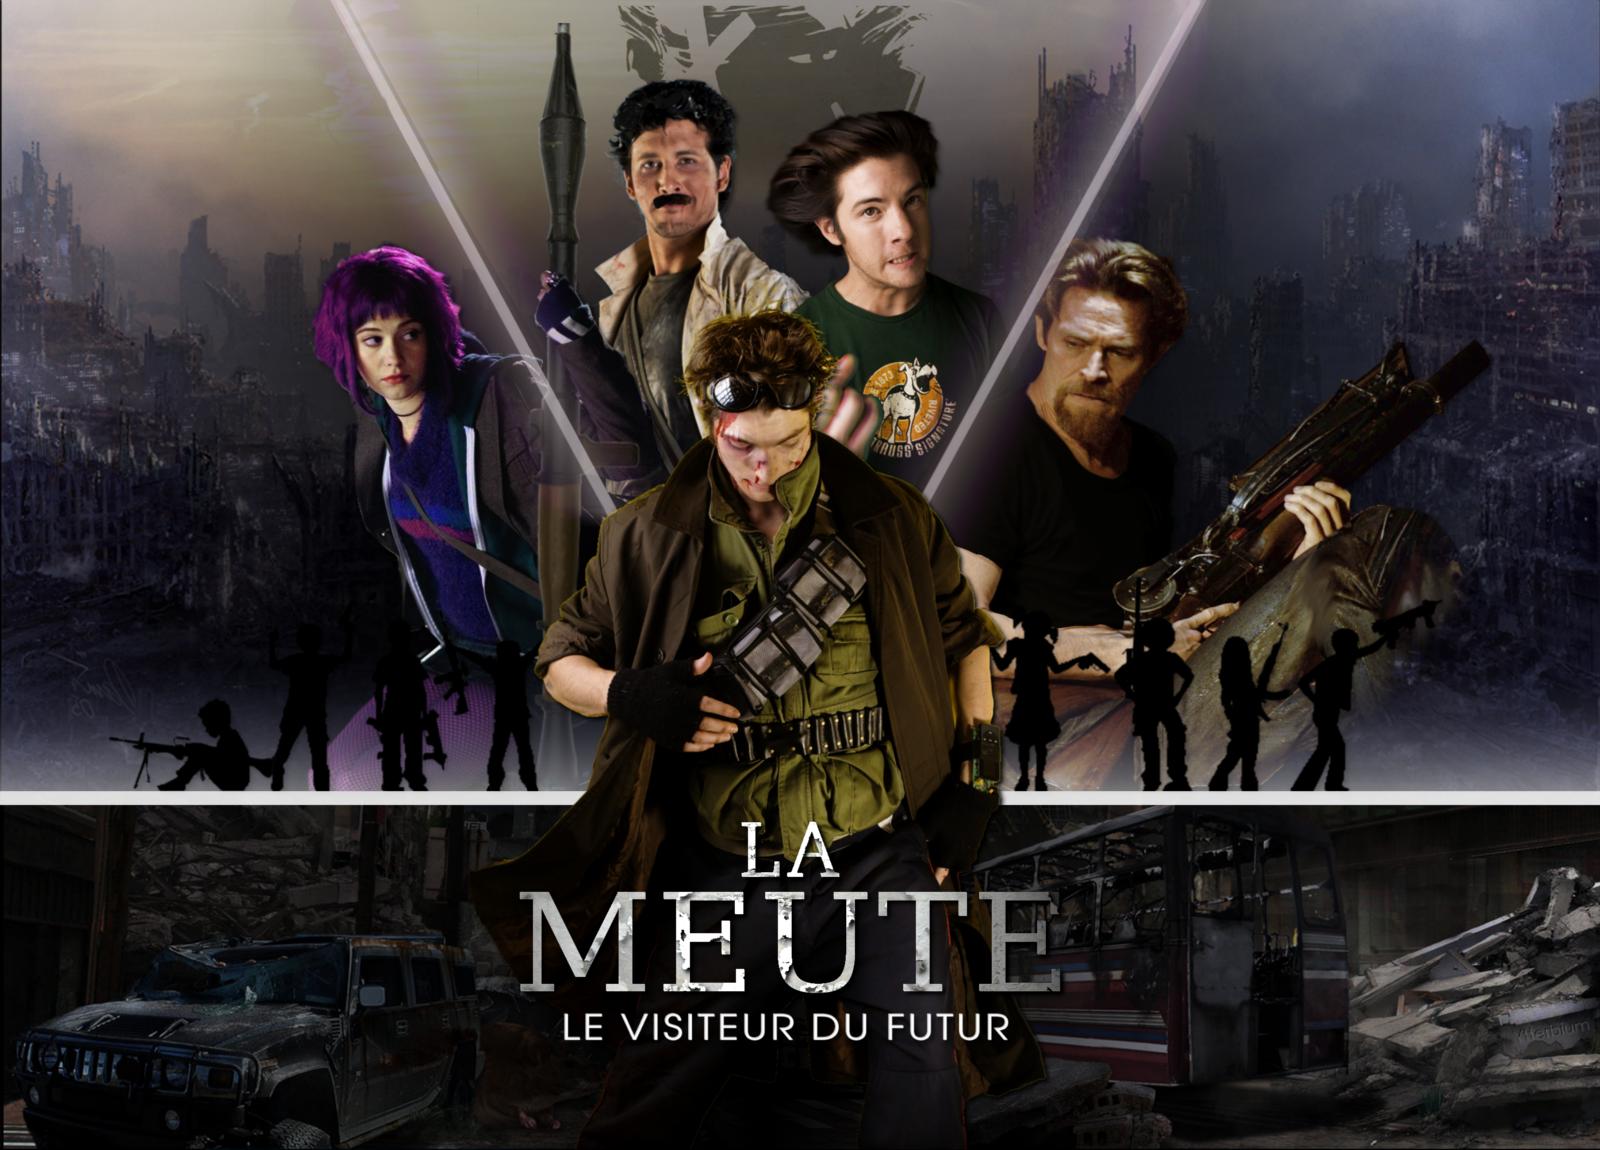 La Gazette de Néo-Versailles : Concours de Fan-art La Meute  (N°9 - Février 2015) Lameute-ytterbium